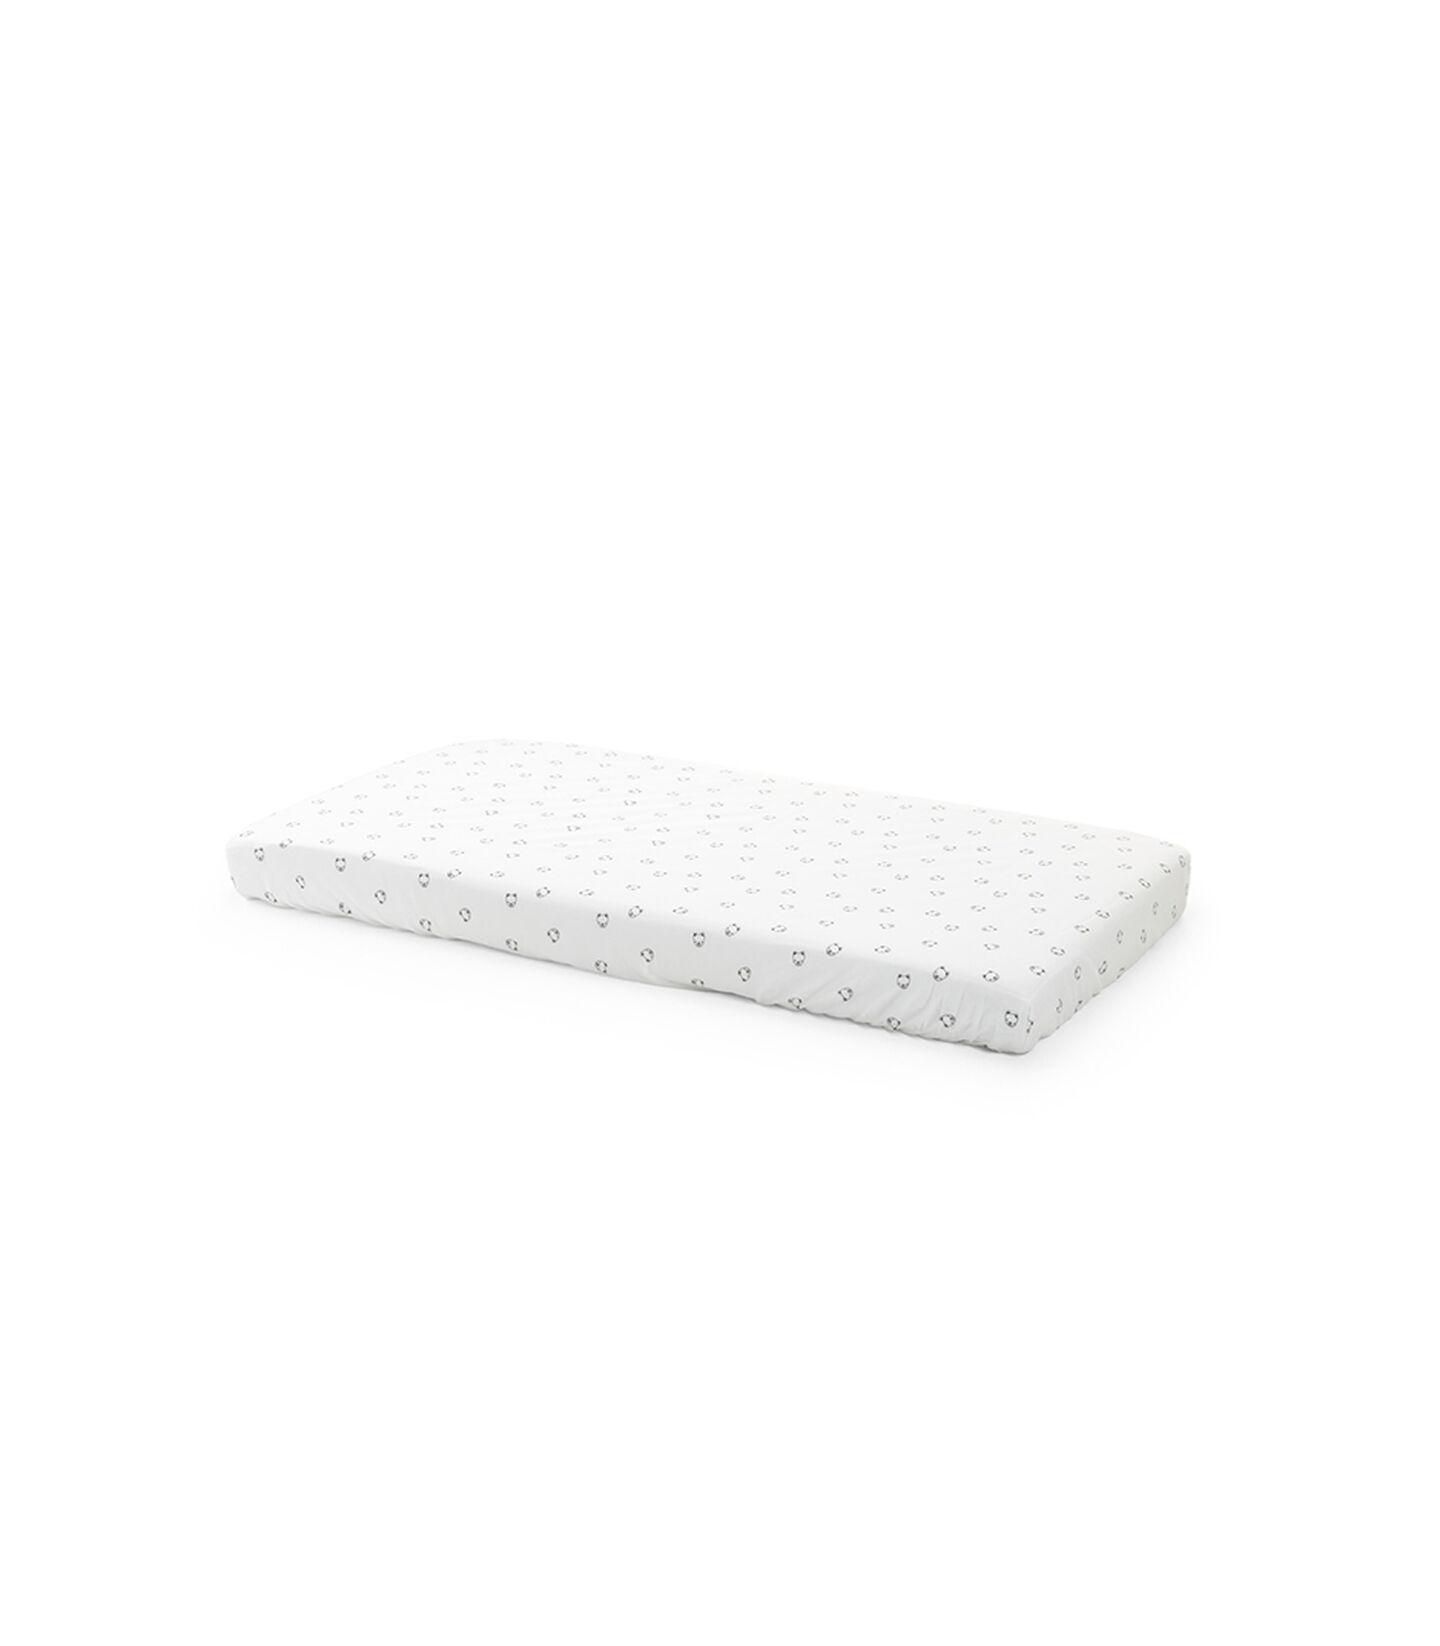 Stokke® Home™ Bed Spannbettlaken, 2-teilig - Monochrome Bear, Monochrome Bear, mainview view 2